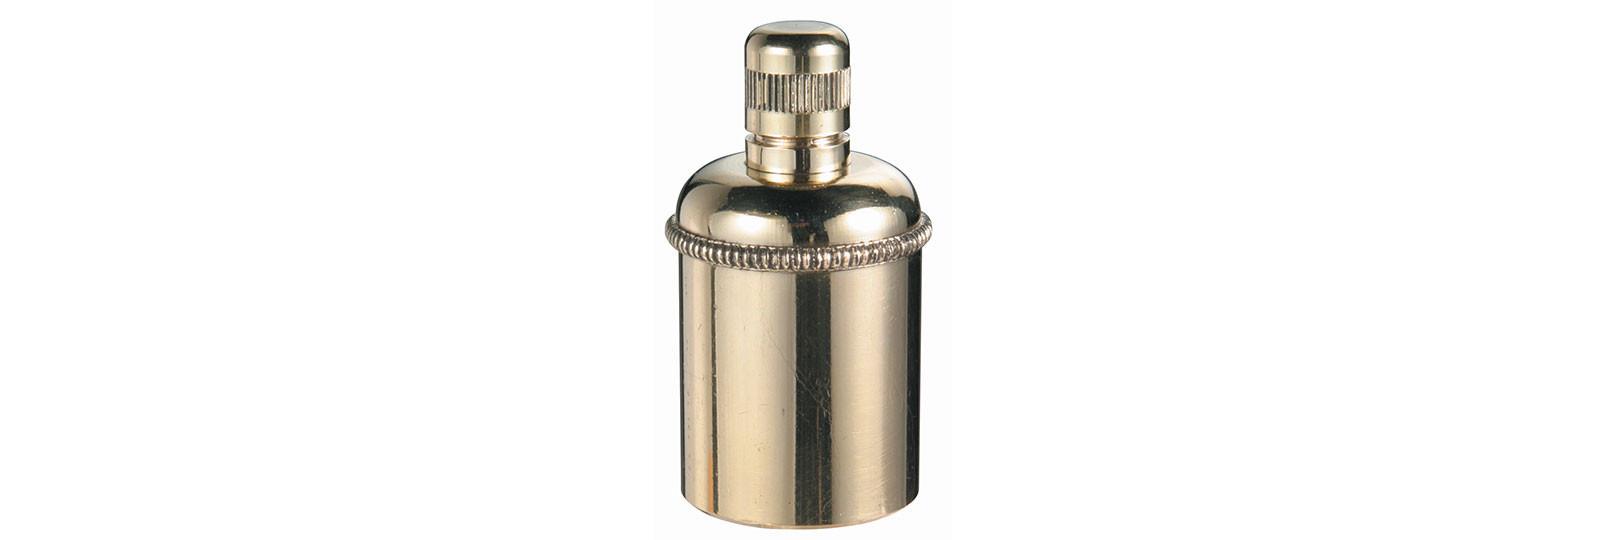 Brass oilcan